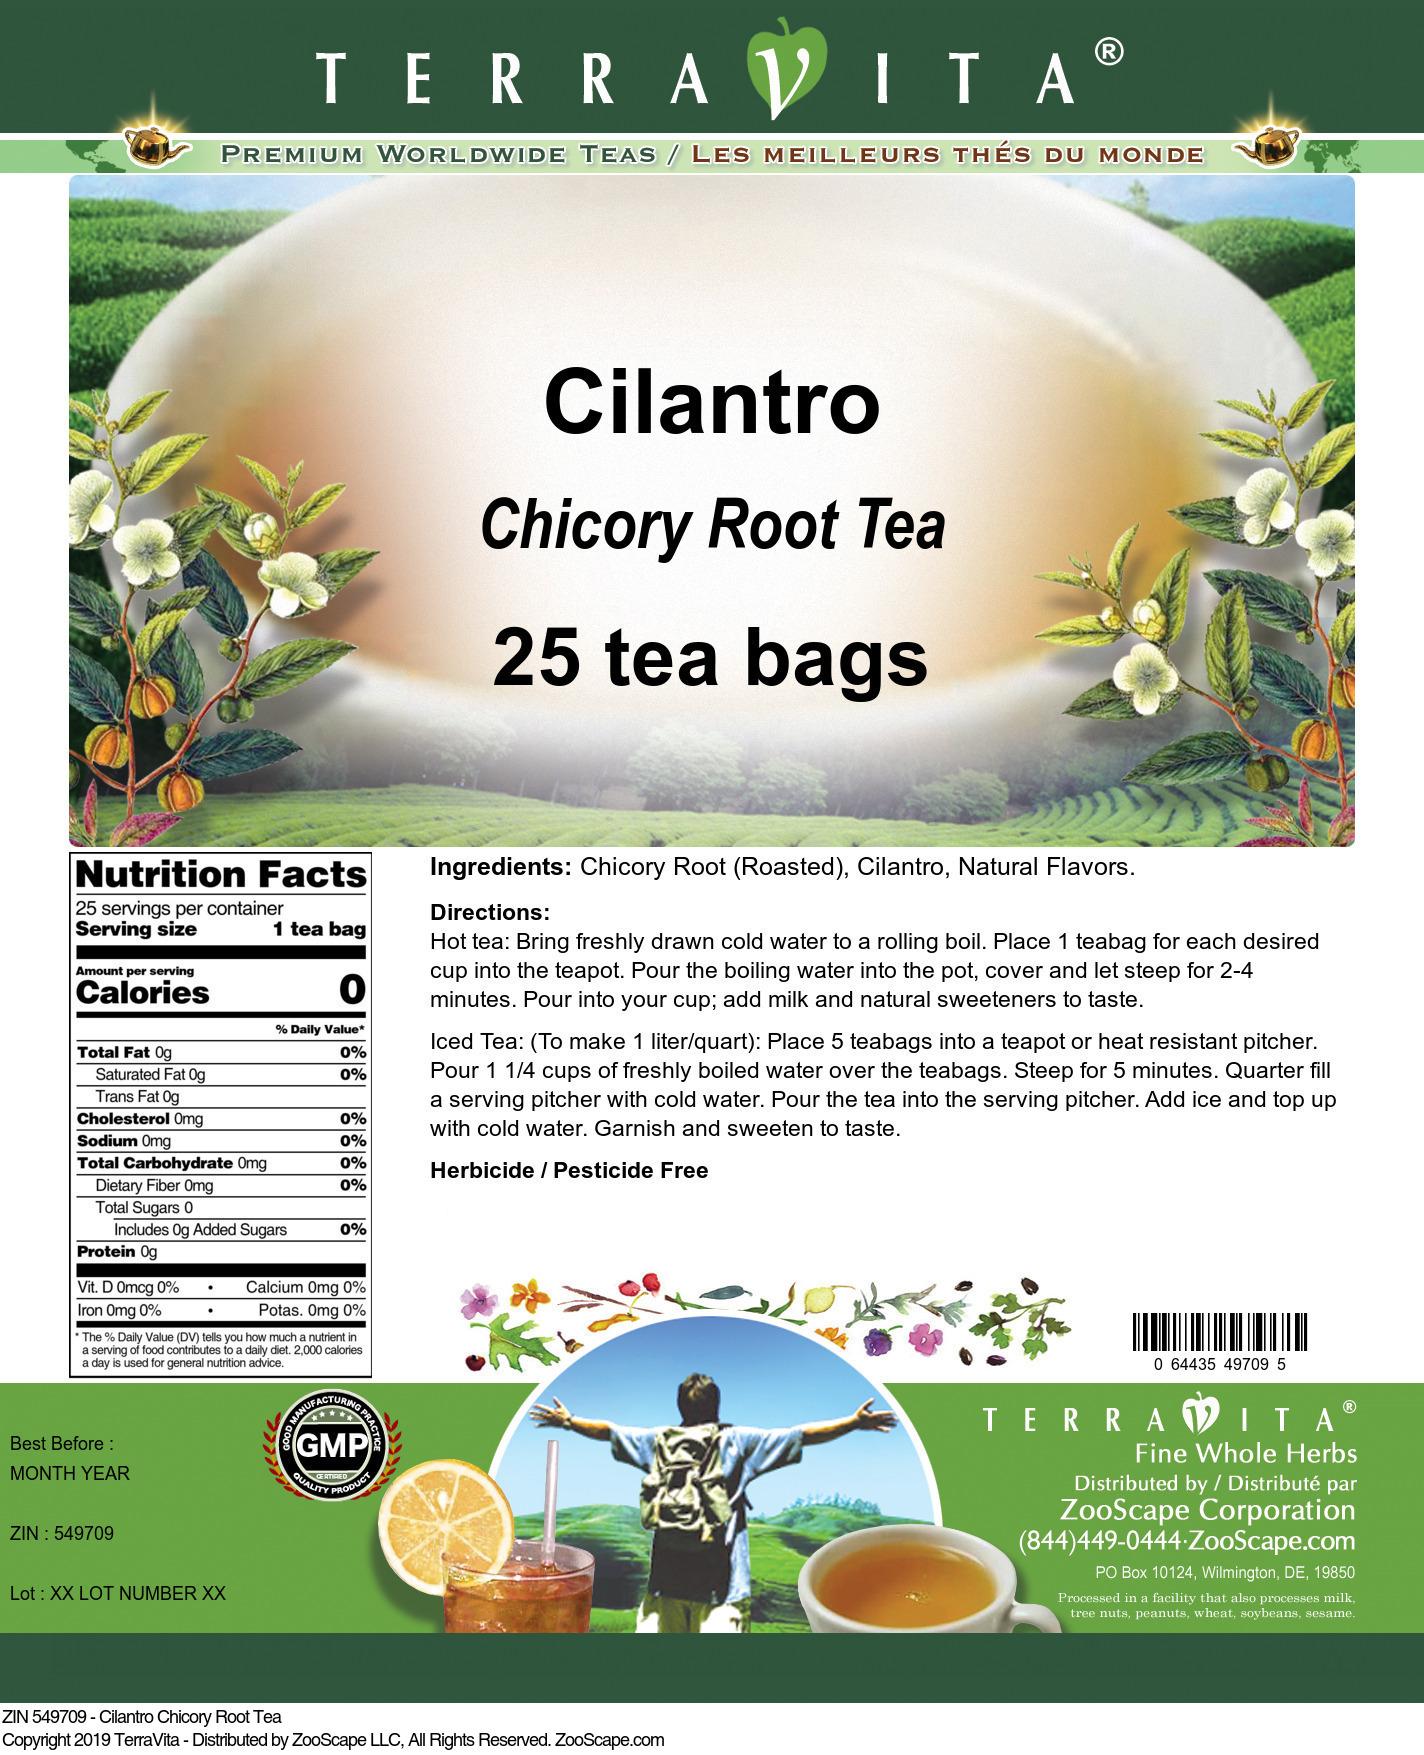 Cilantro Chicory Root Tea